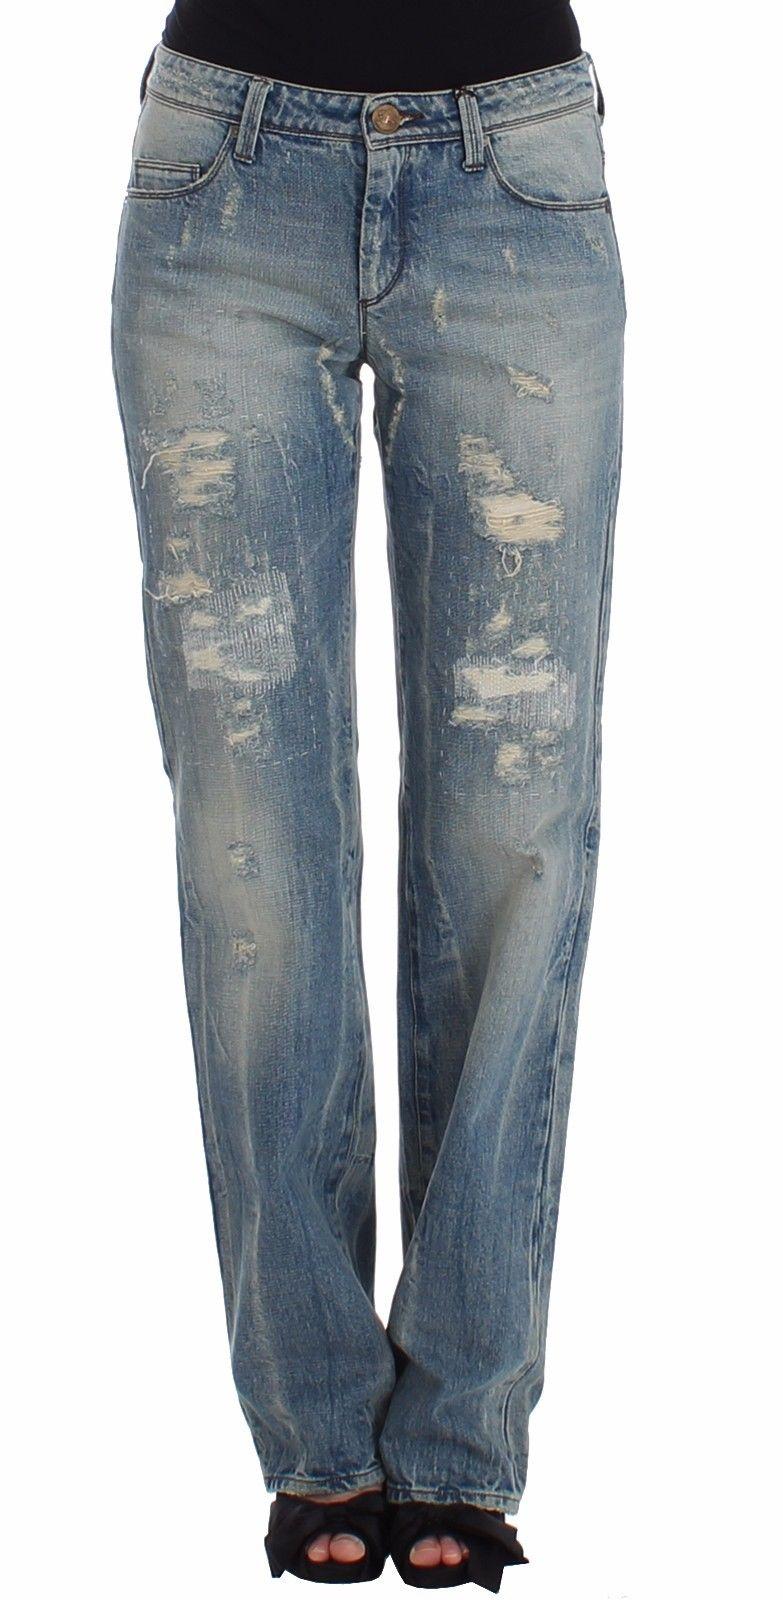 Ermanno Scervino Women's Distressed Boyfriend Jeans Blue SIG12472 - W26